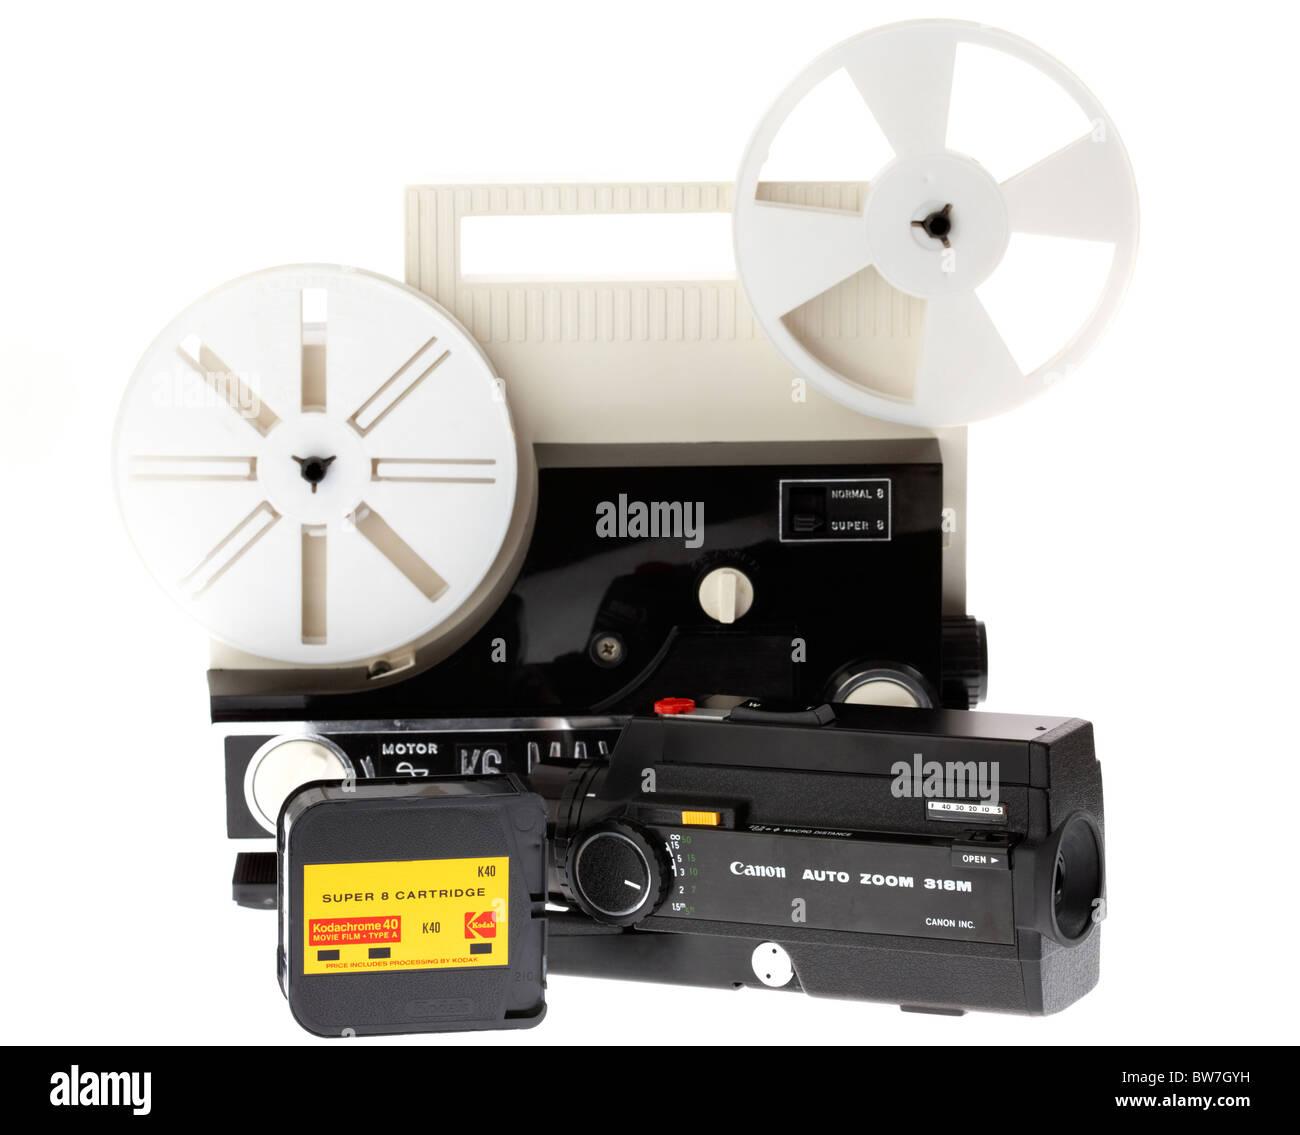 Super8 cine películas caseras hechas por la cámara Canon cartucho de película Kodachrome de Kodak Imagen De Stock